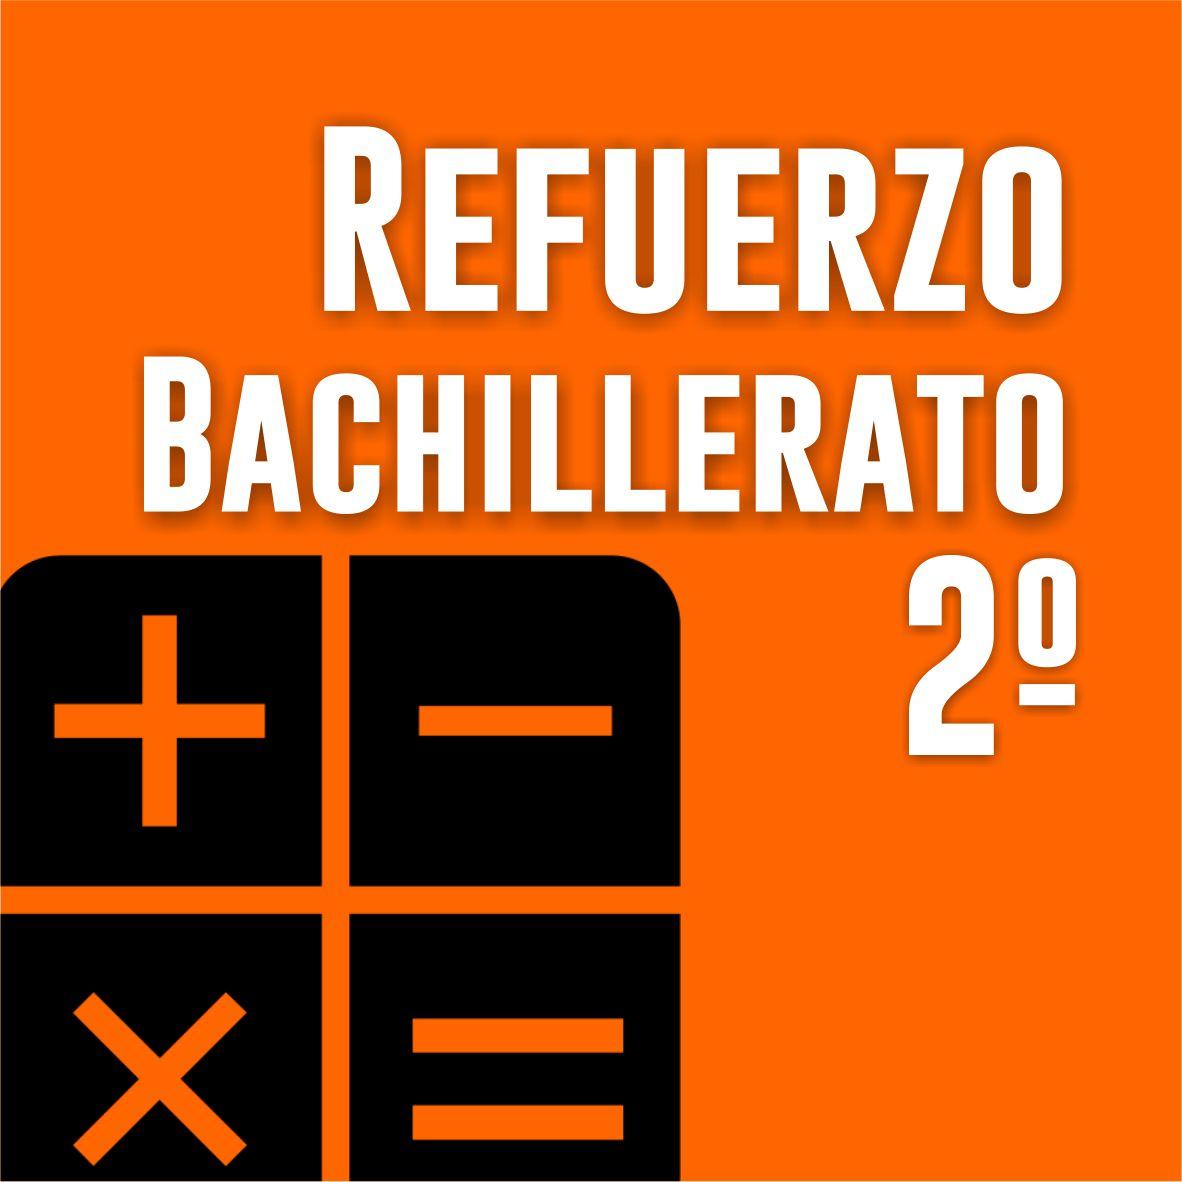 refuerzo 2bachillerato